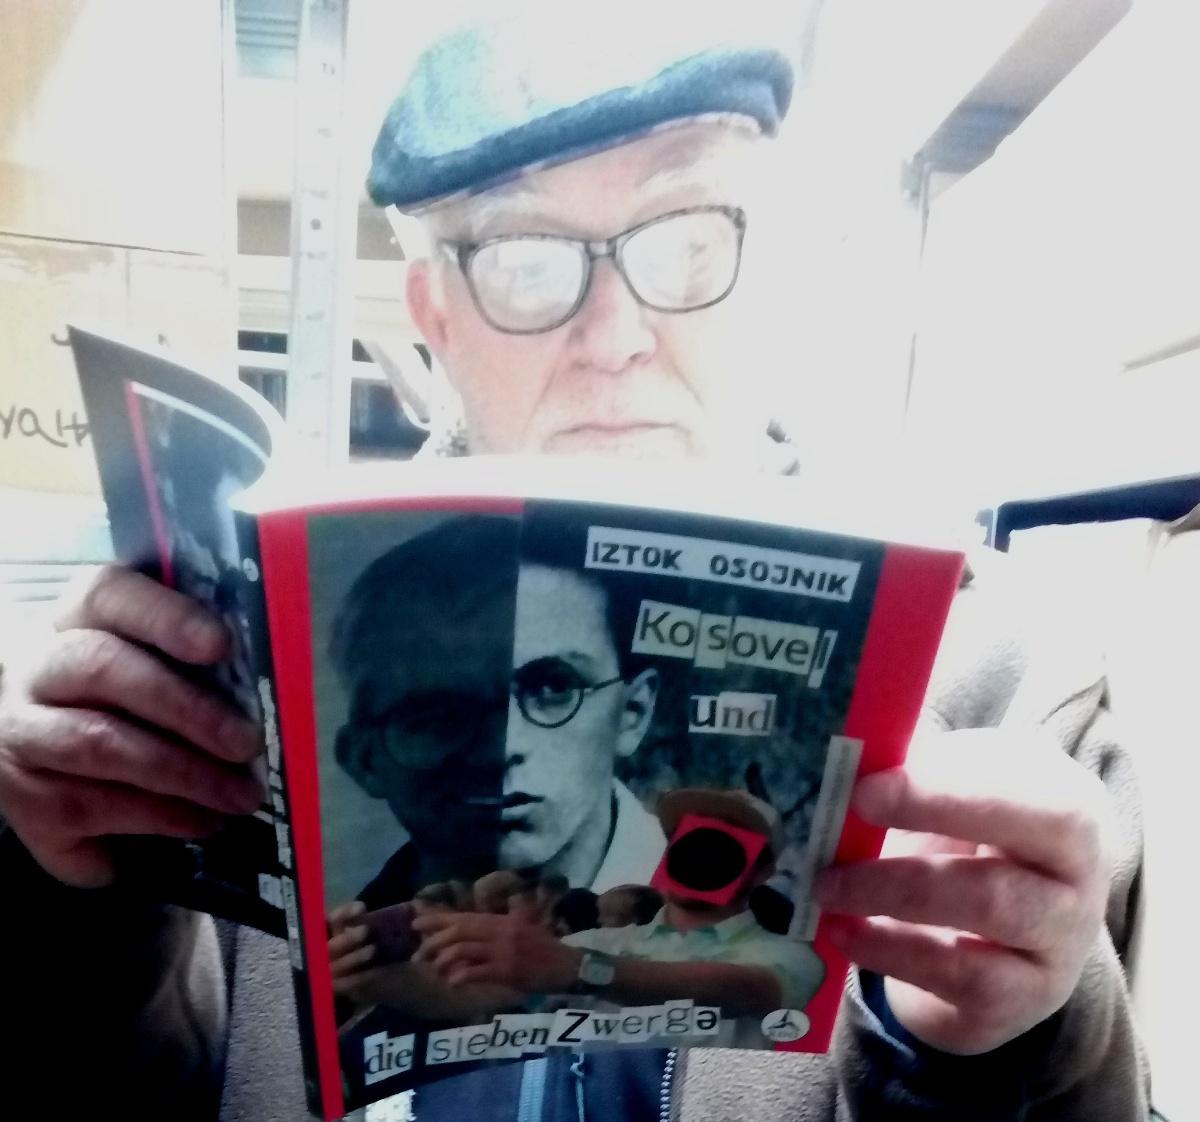 Iztok Osojnik bere nemško izdajo zbirke Kosovel in sedem palčkov